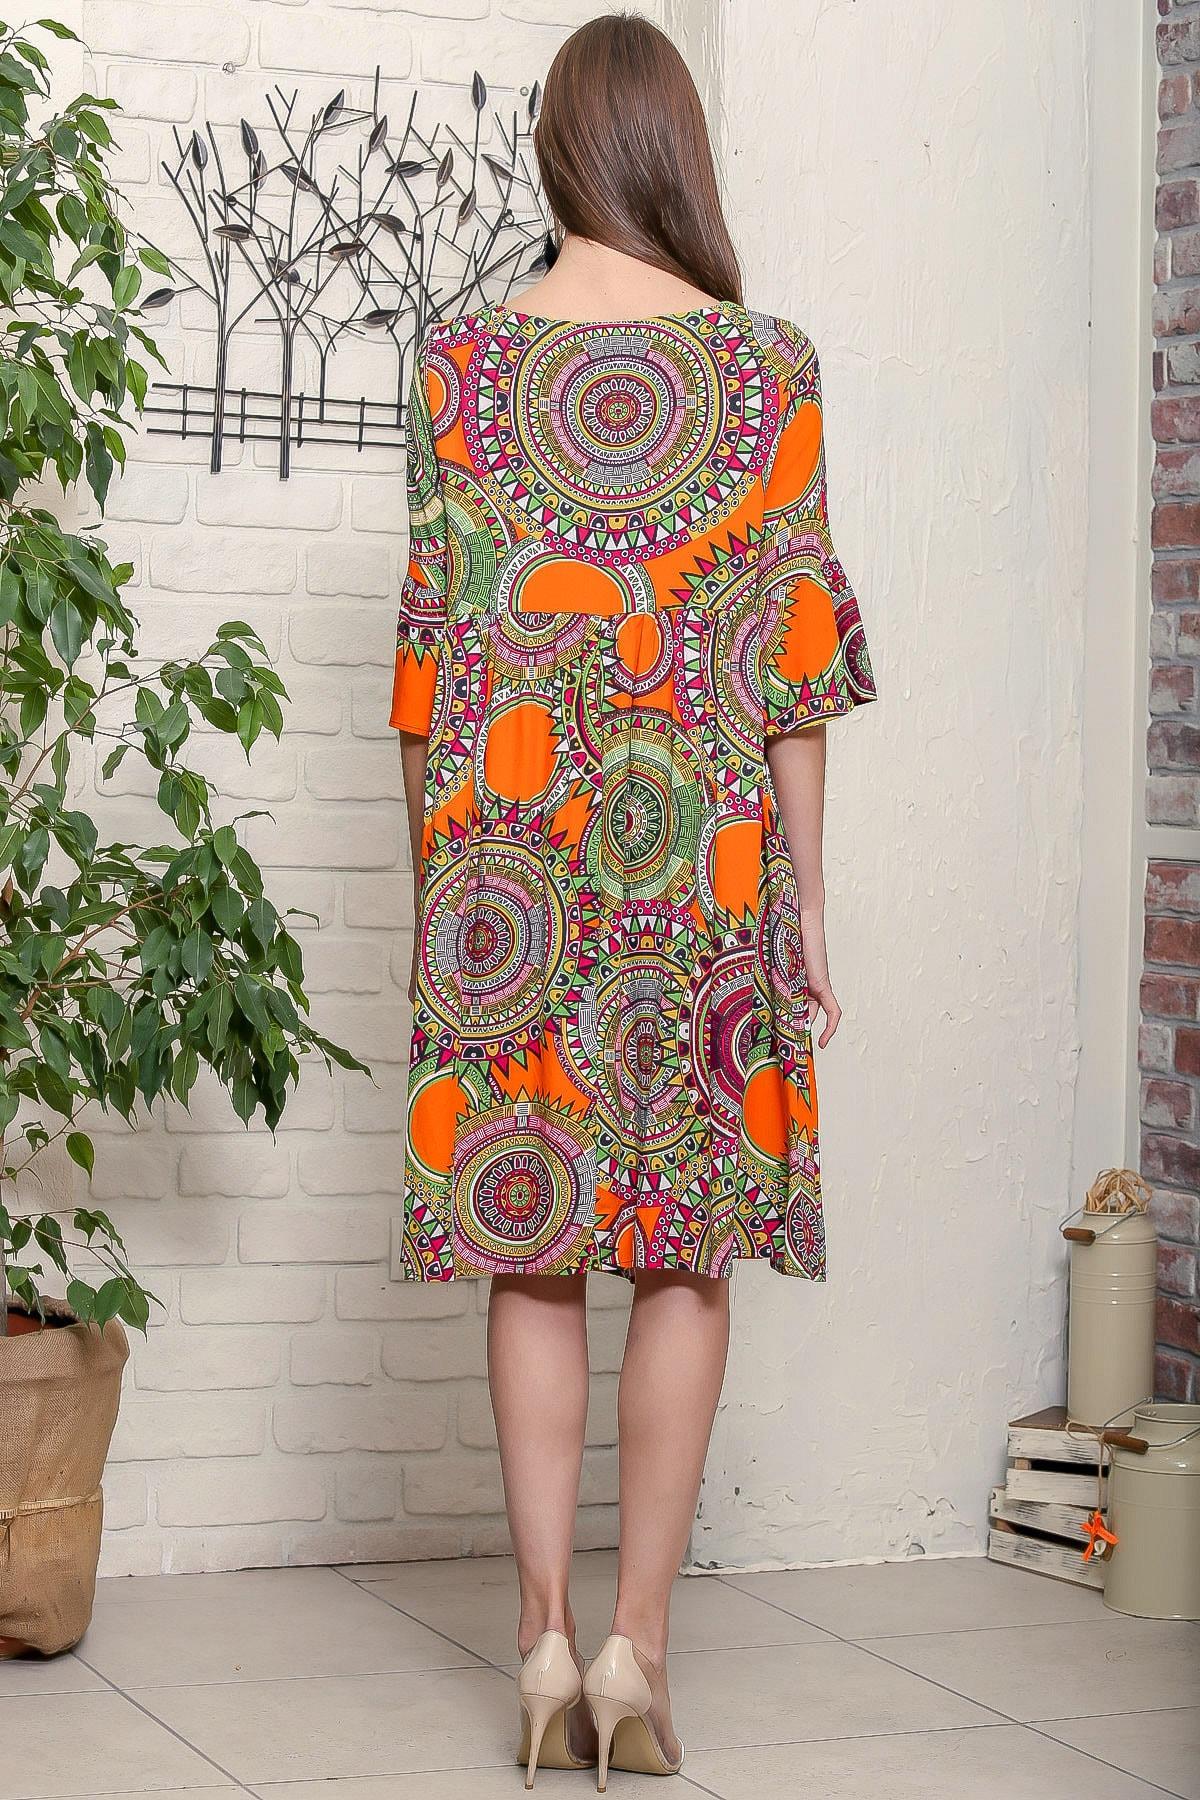 Chiccy Kadın Turuncu Geometrik Desen Kolları Volanlı Robadan Büzgülü Püsküllü Bağcıklı Salaş Dokuma Elbise 4